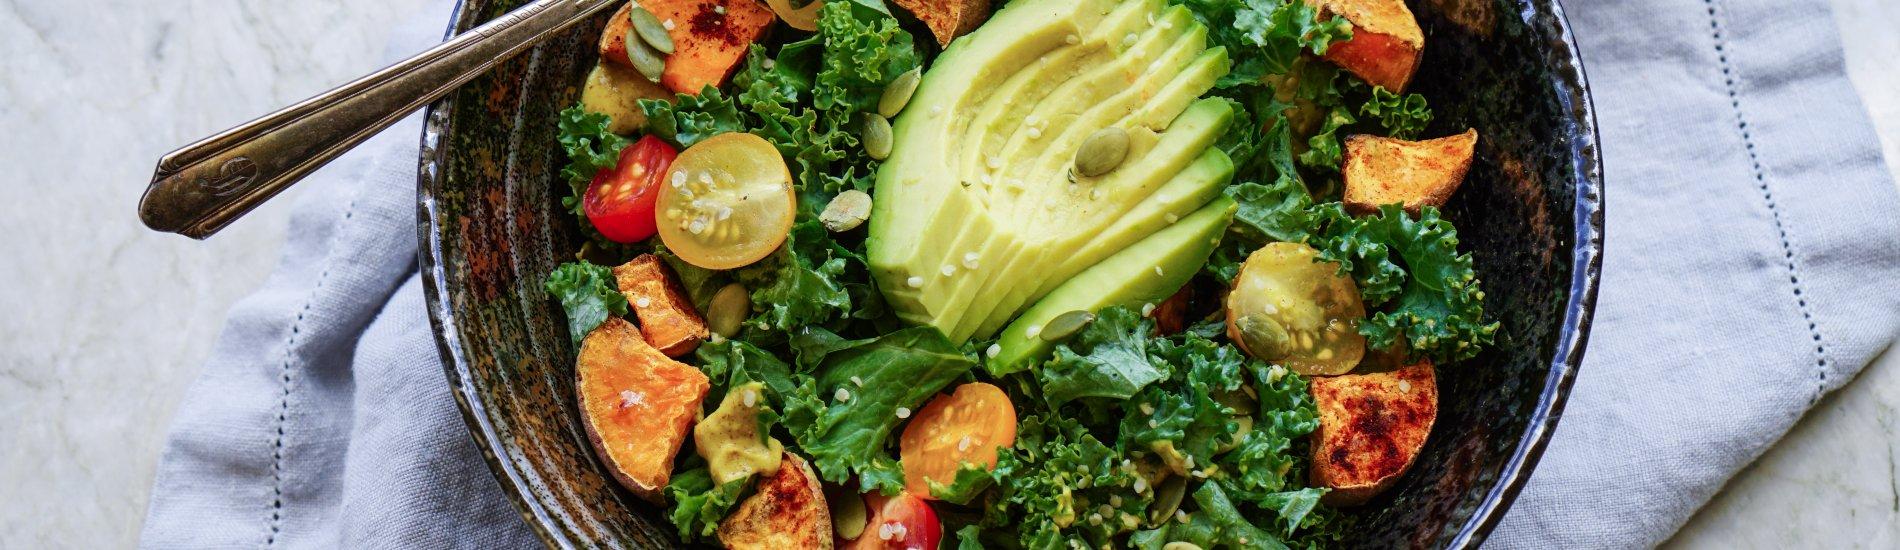 Ketogene Ernährung ohne Fleisch